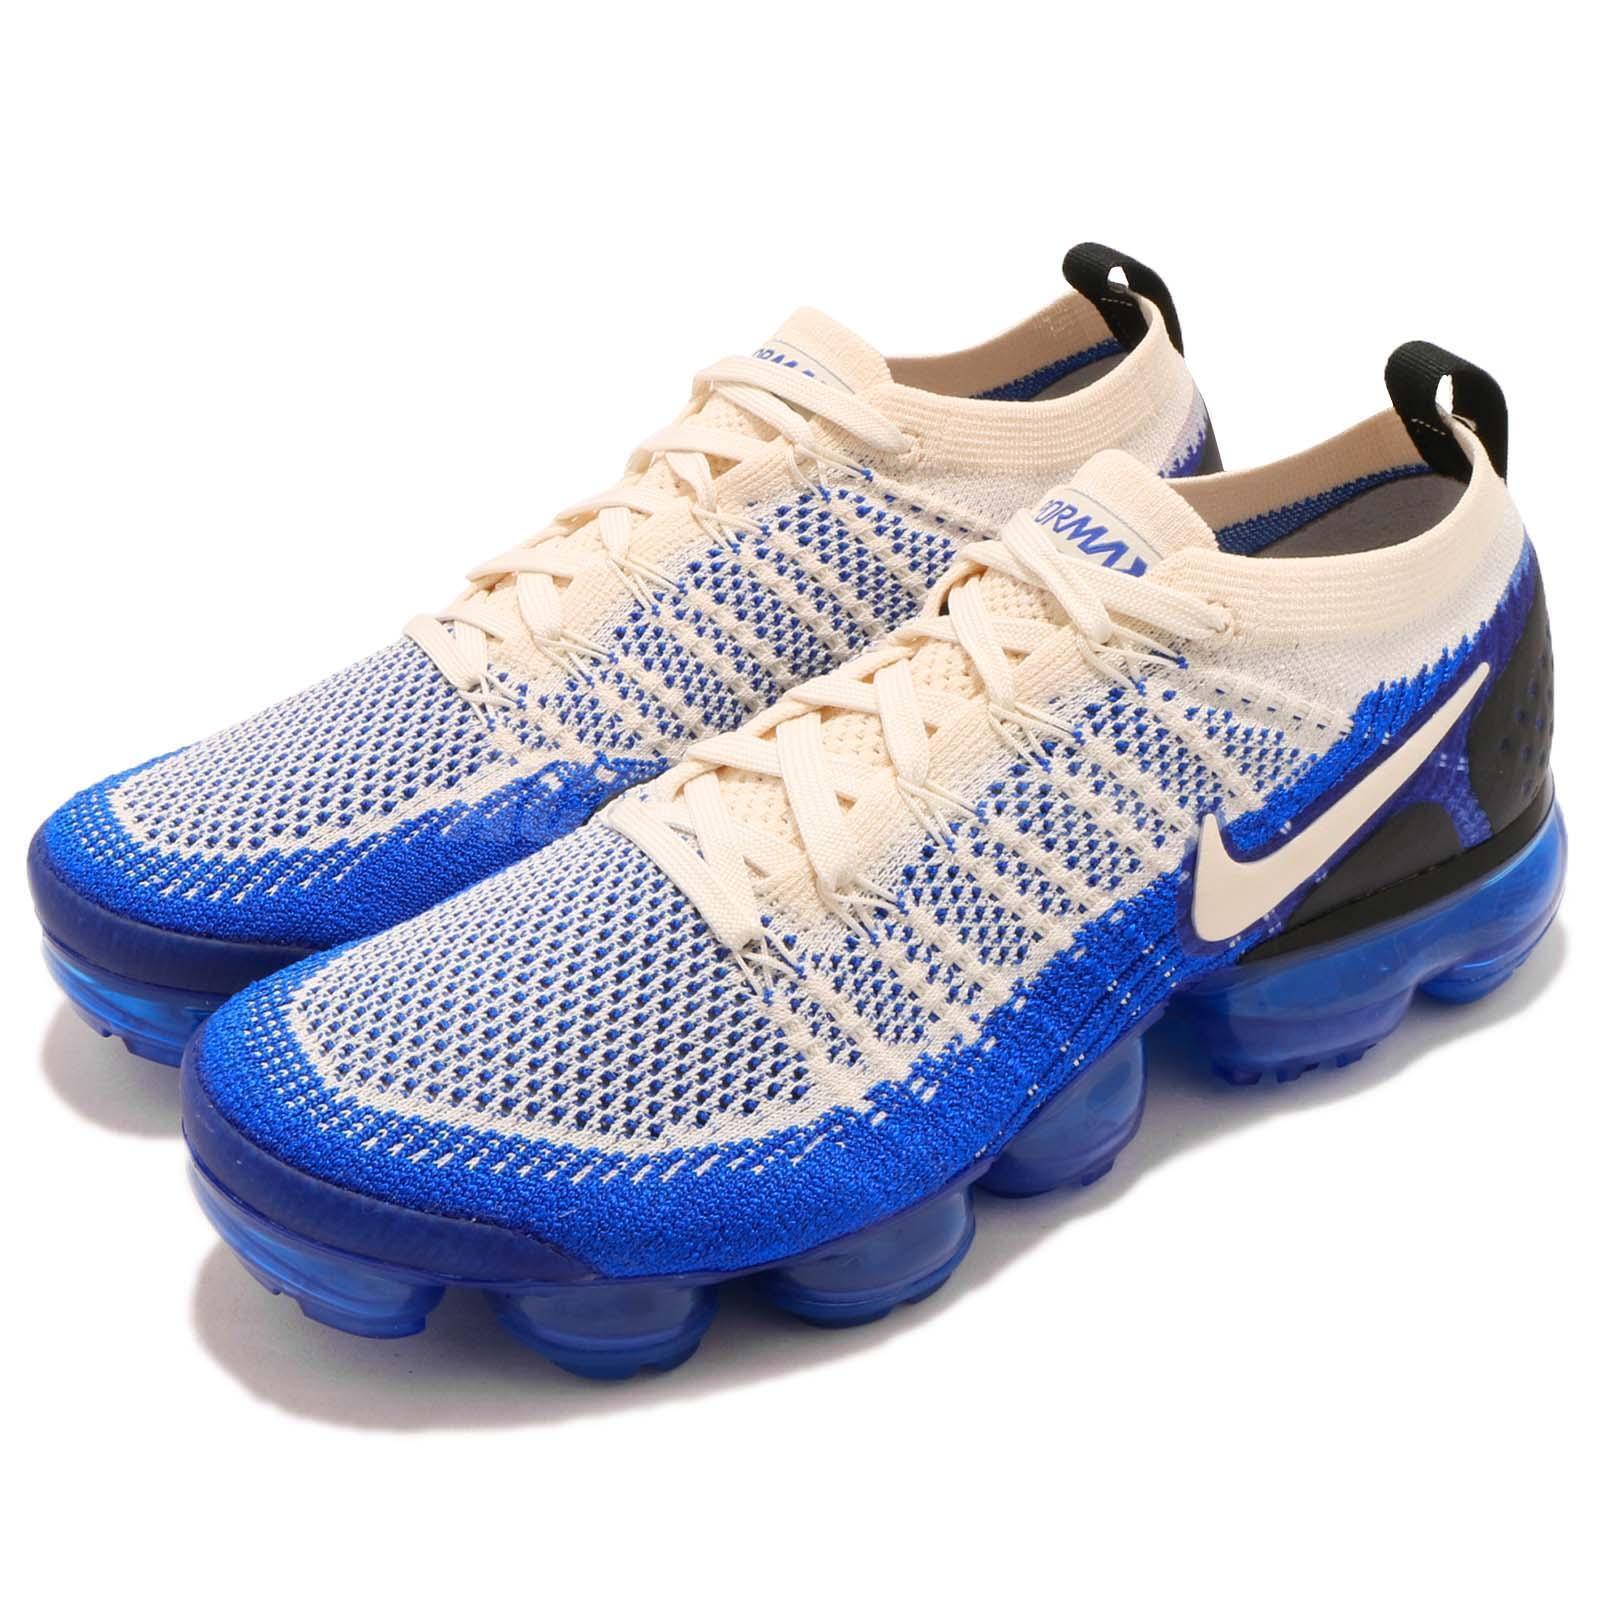 0ce5e4d7df Nike Air Max Vapormax Flyknit 2 Racer Blue Light Cream 942842-204 ...